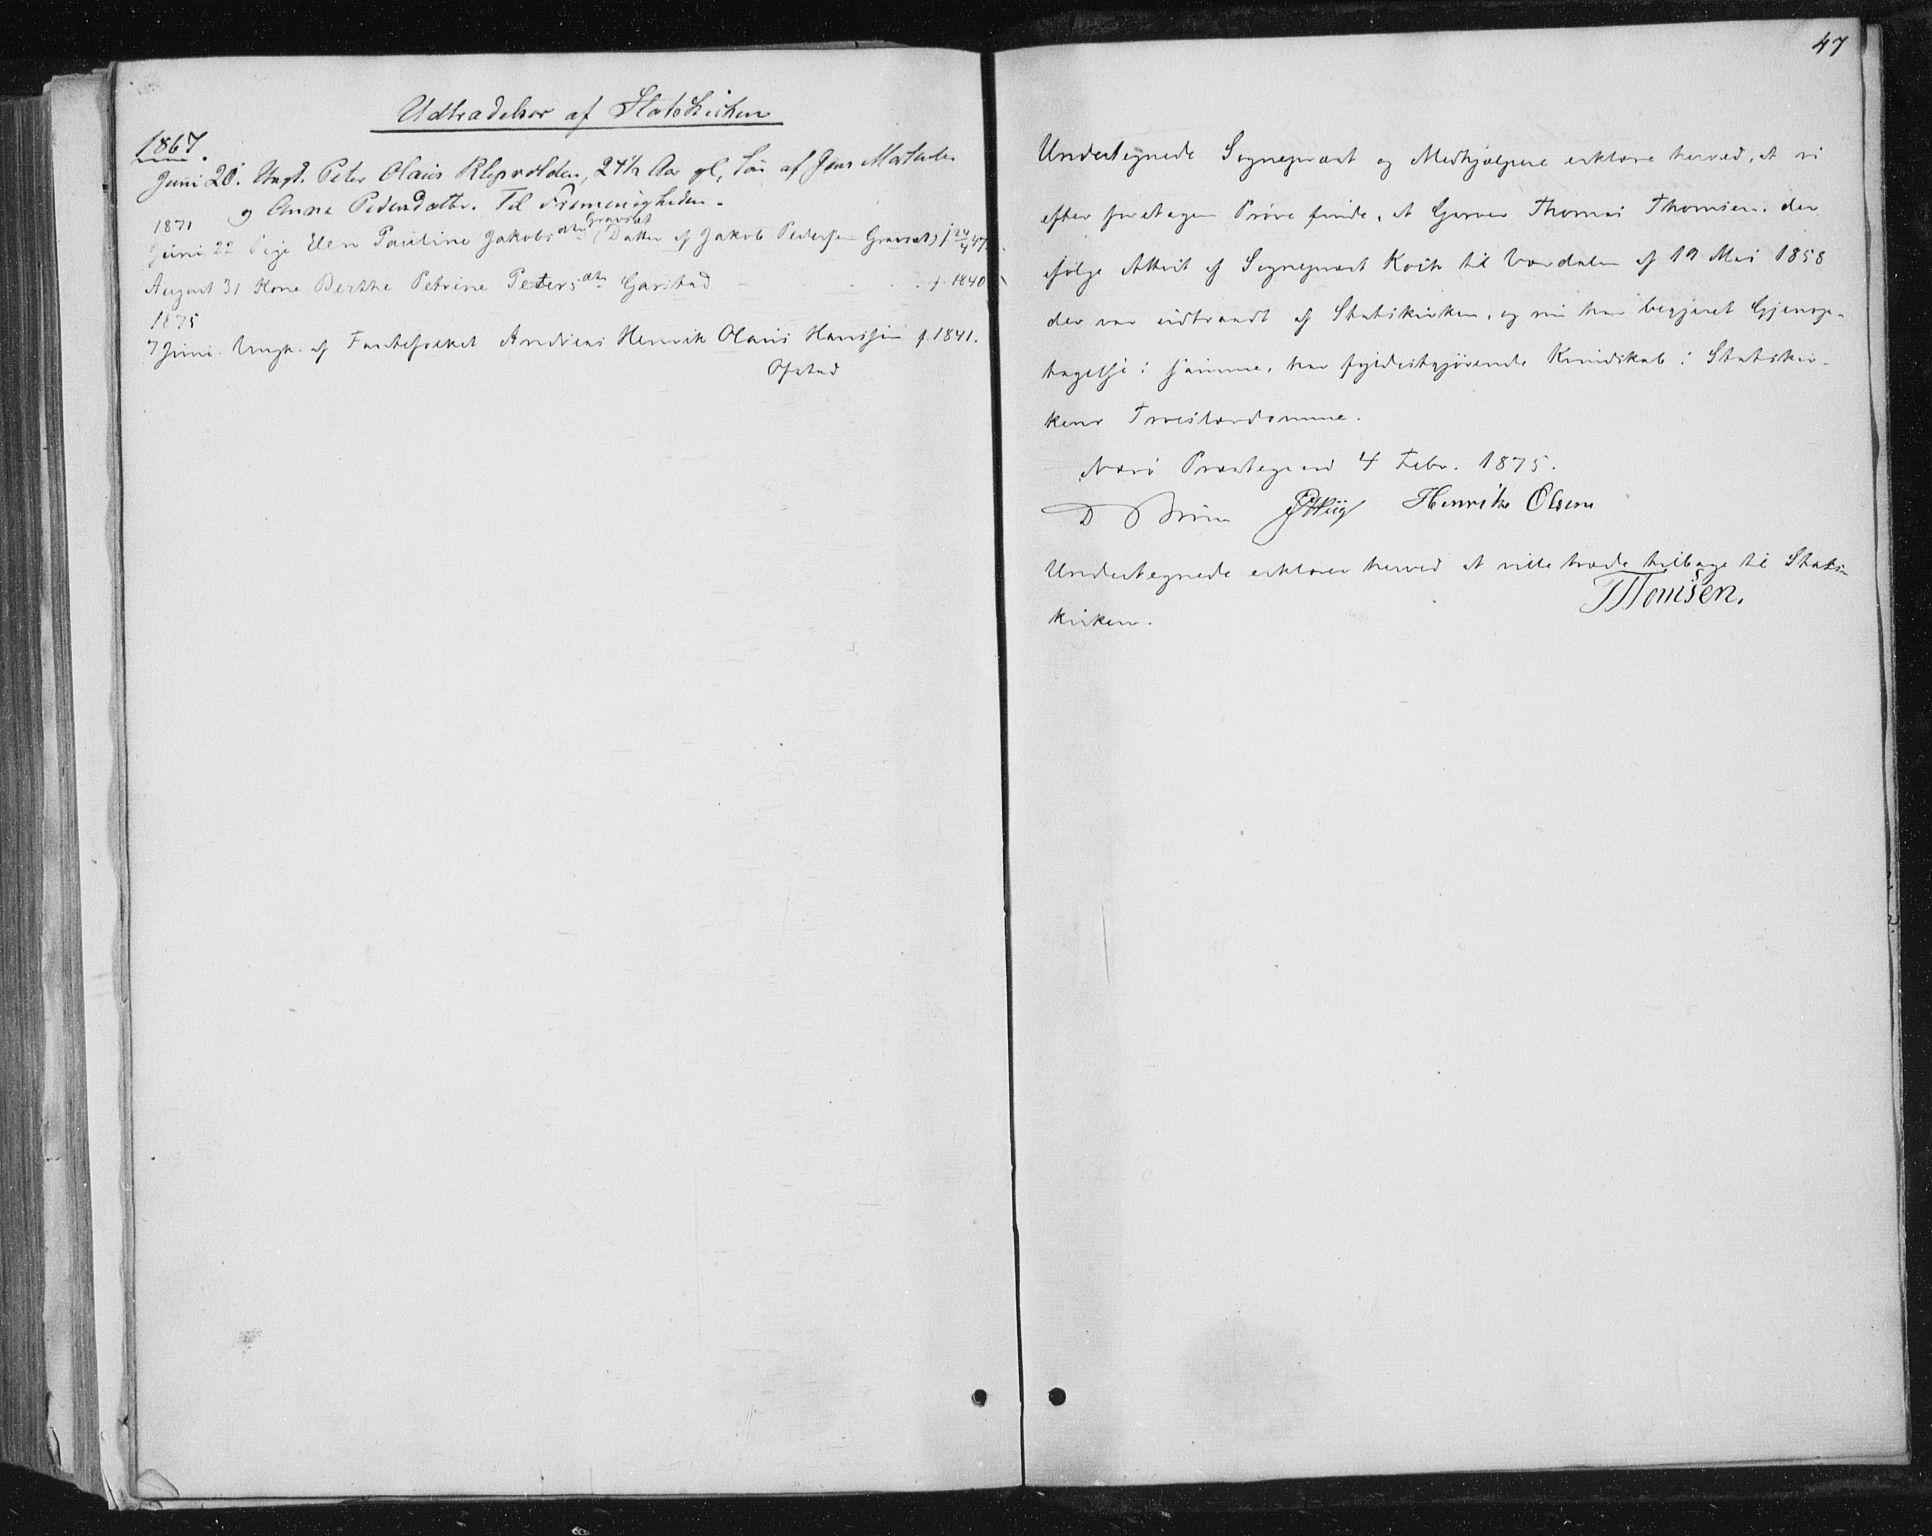 SAT, Ministerialprotokoller, klokkerbøker og fødselsregistre - Nord-Trøndelag, 784/L0670: Ministerialbok nr. 784A05, 1860-1876, s. 47